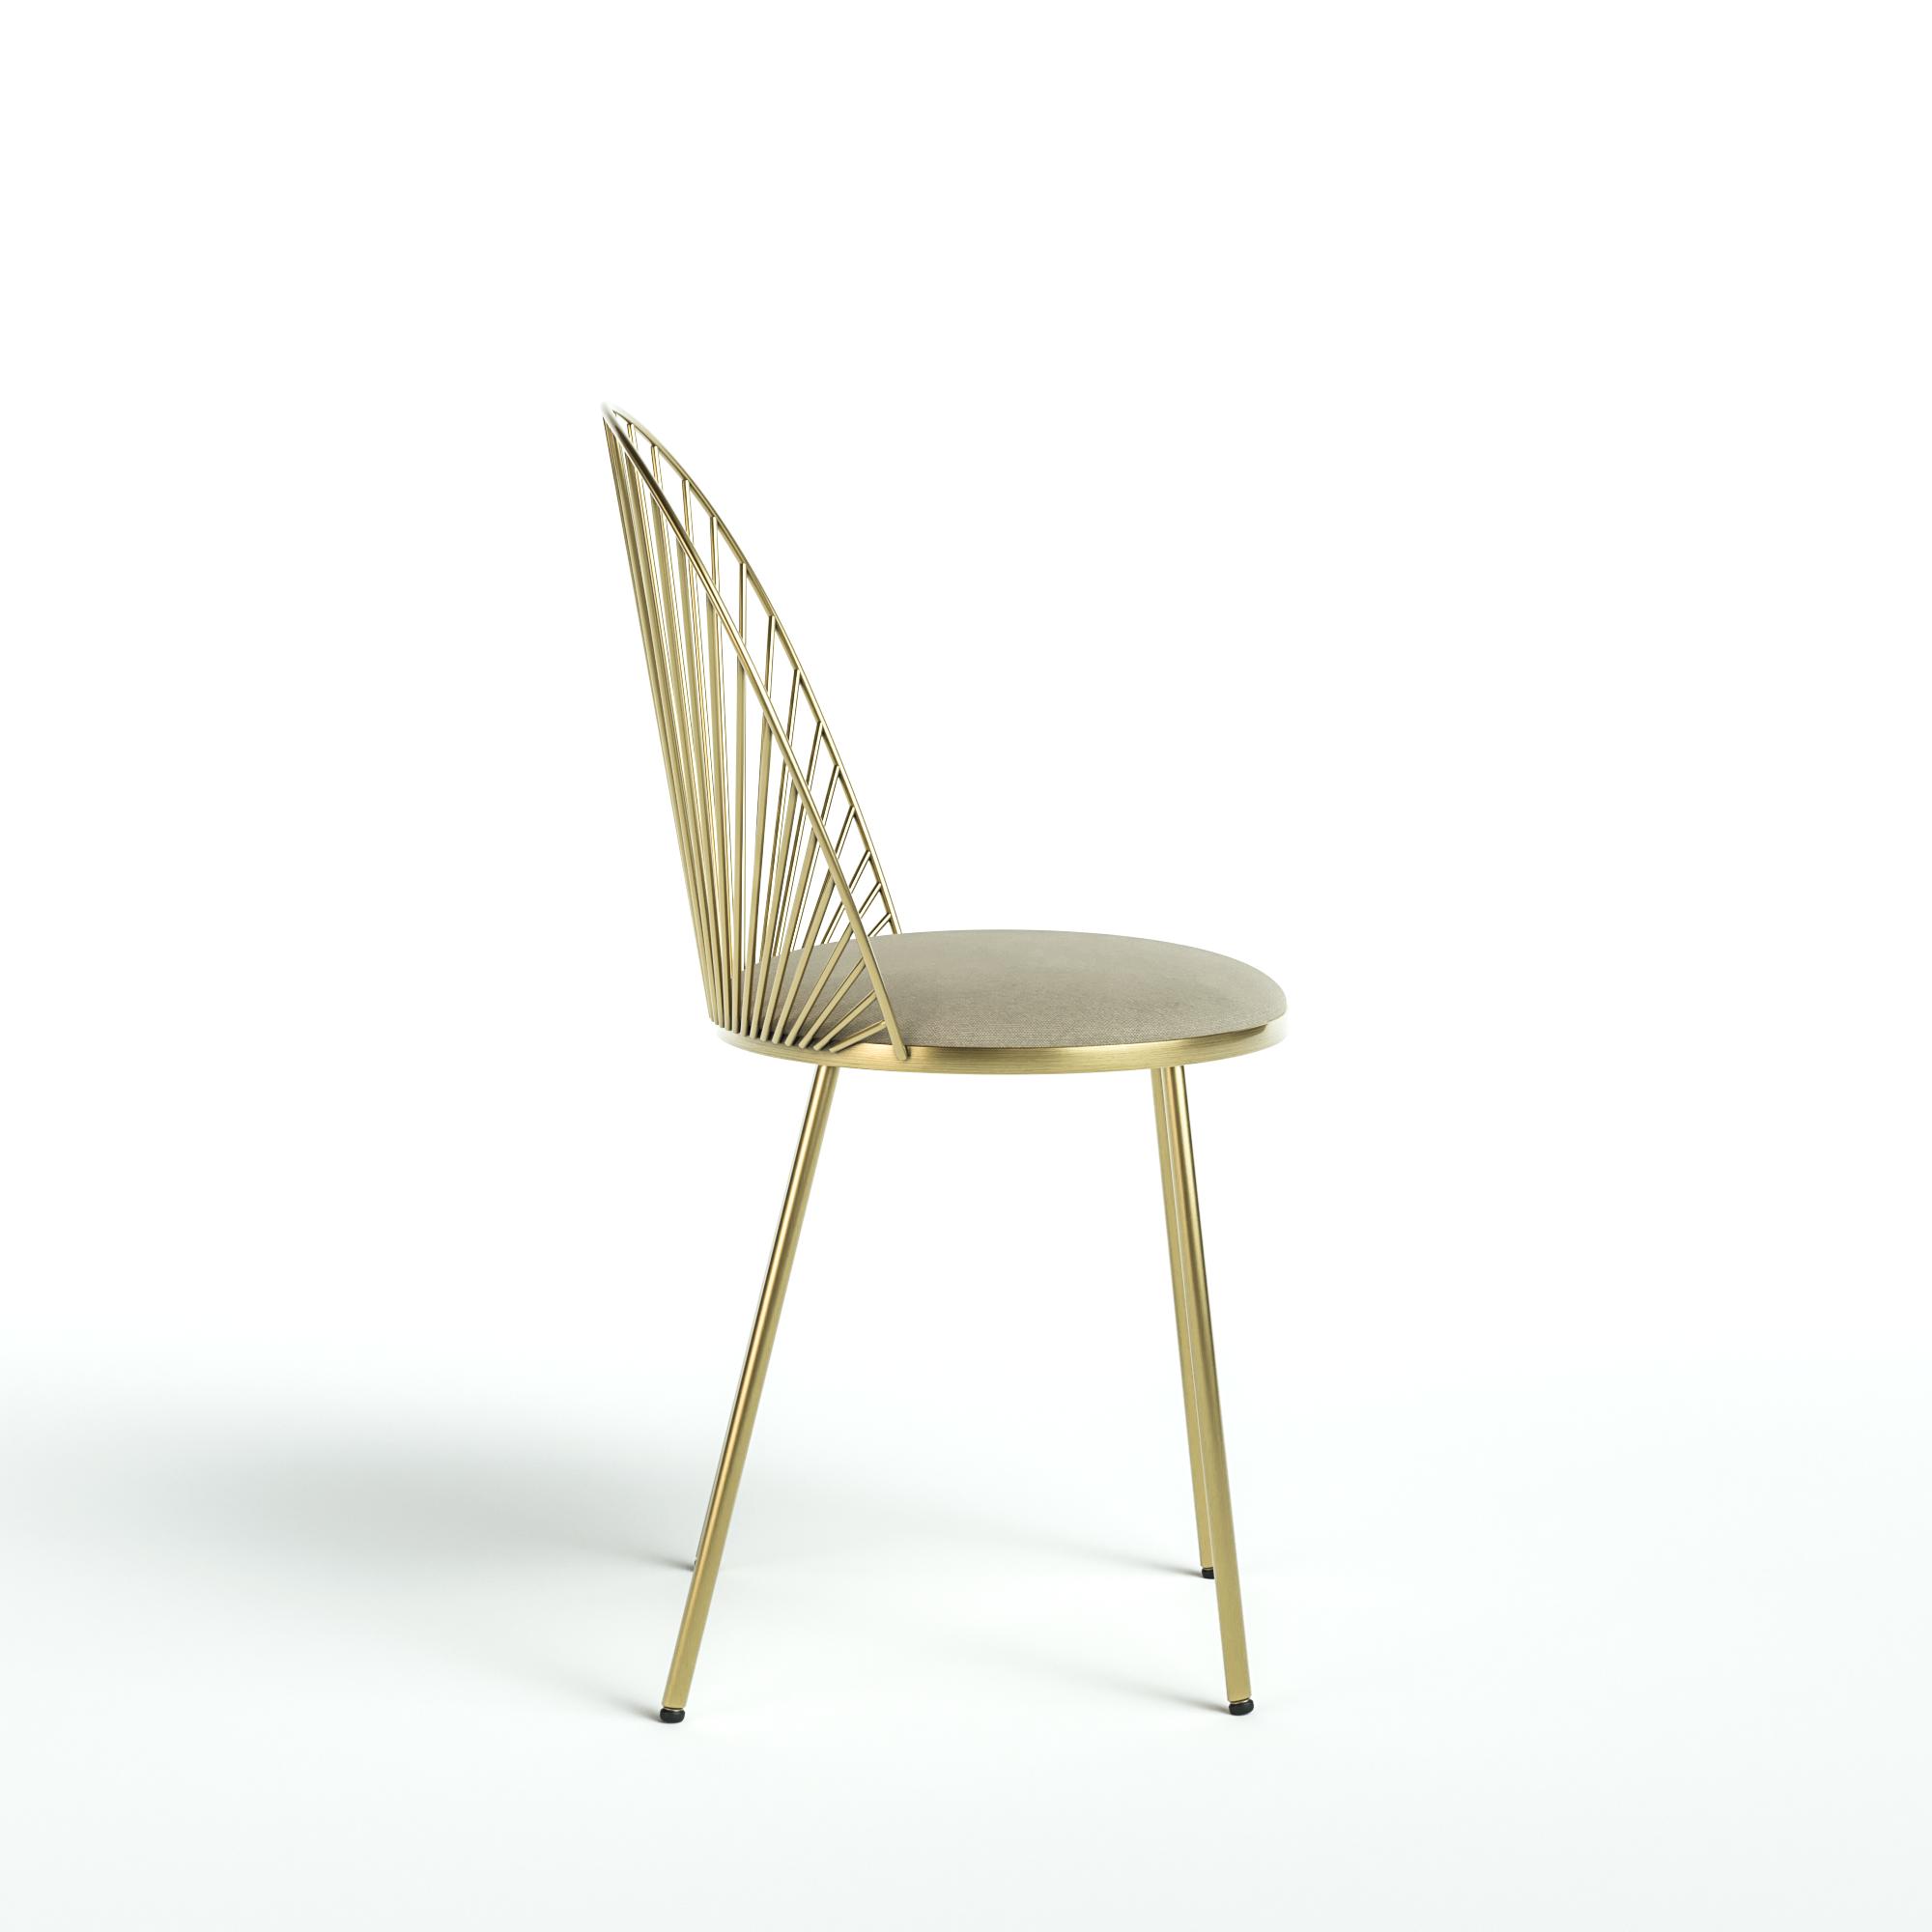 Blush chair - Design metal chair by Happé